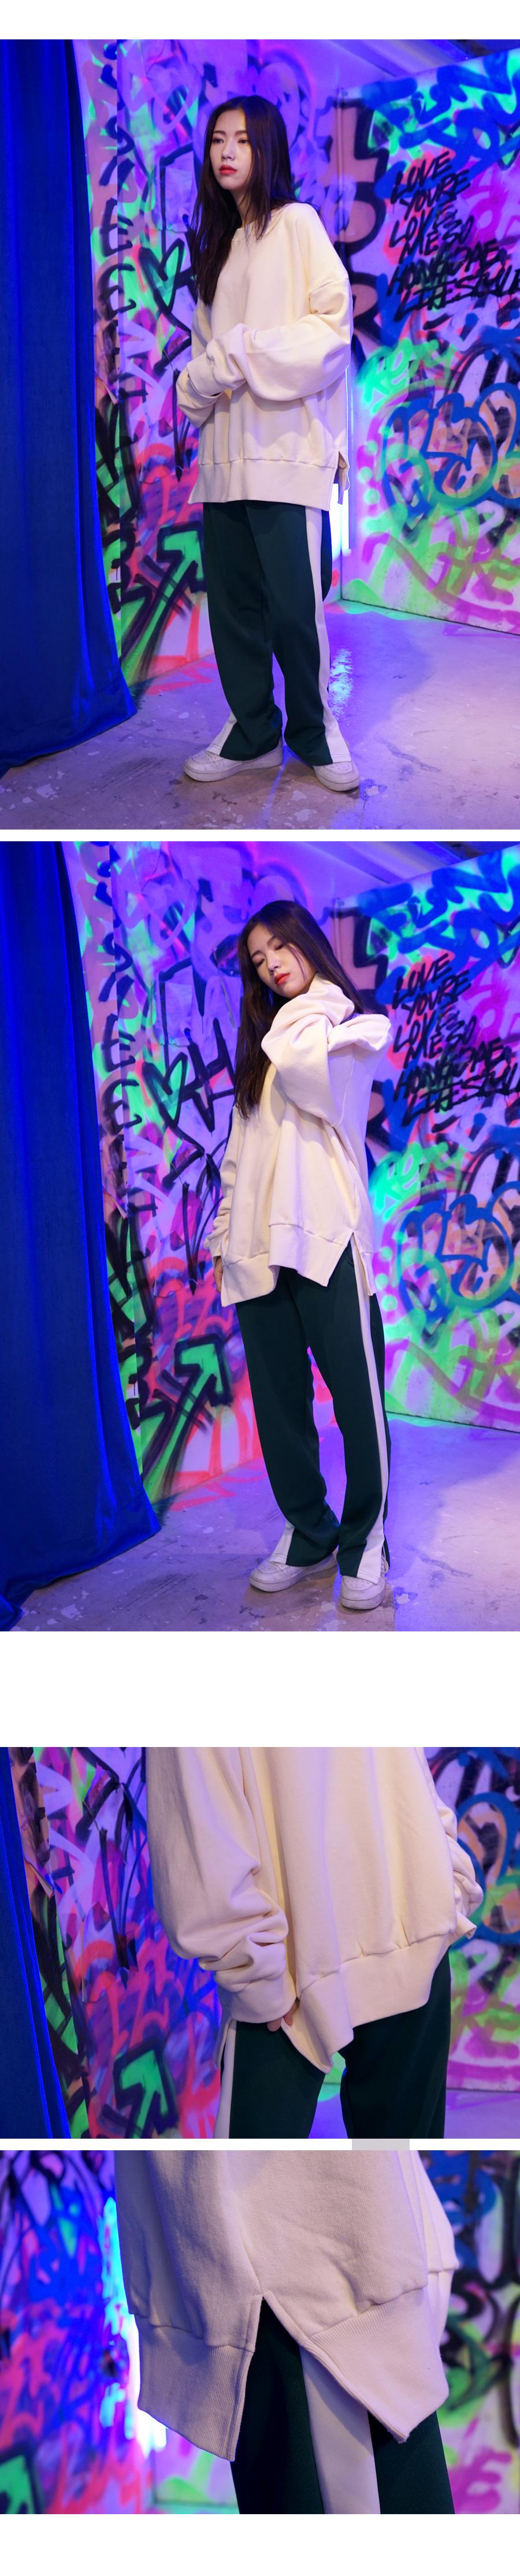 자체제작 삼각 맨투맨 (3colors)32,000원-써리미패션의류, 유니섹스, 긴팔티셔츠, 맨투맨바보사랑자체제작 삼각 맨투맨 (3colors)32,000원-써리미패션의류, 유니섹스, 긴팔티셔츠, 맨투맨바보사랑